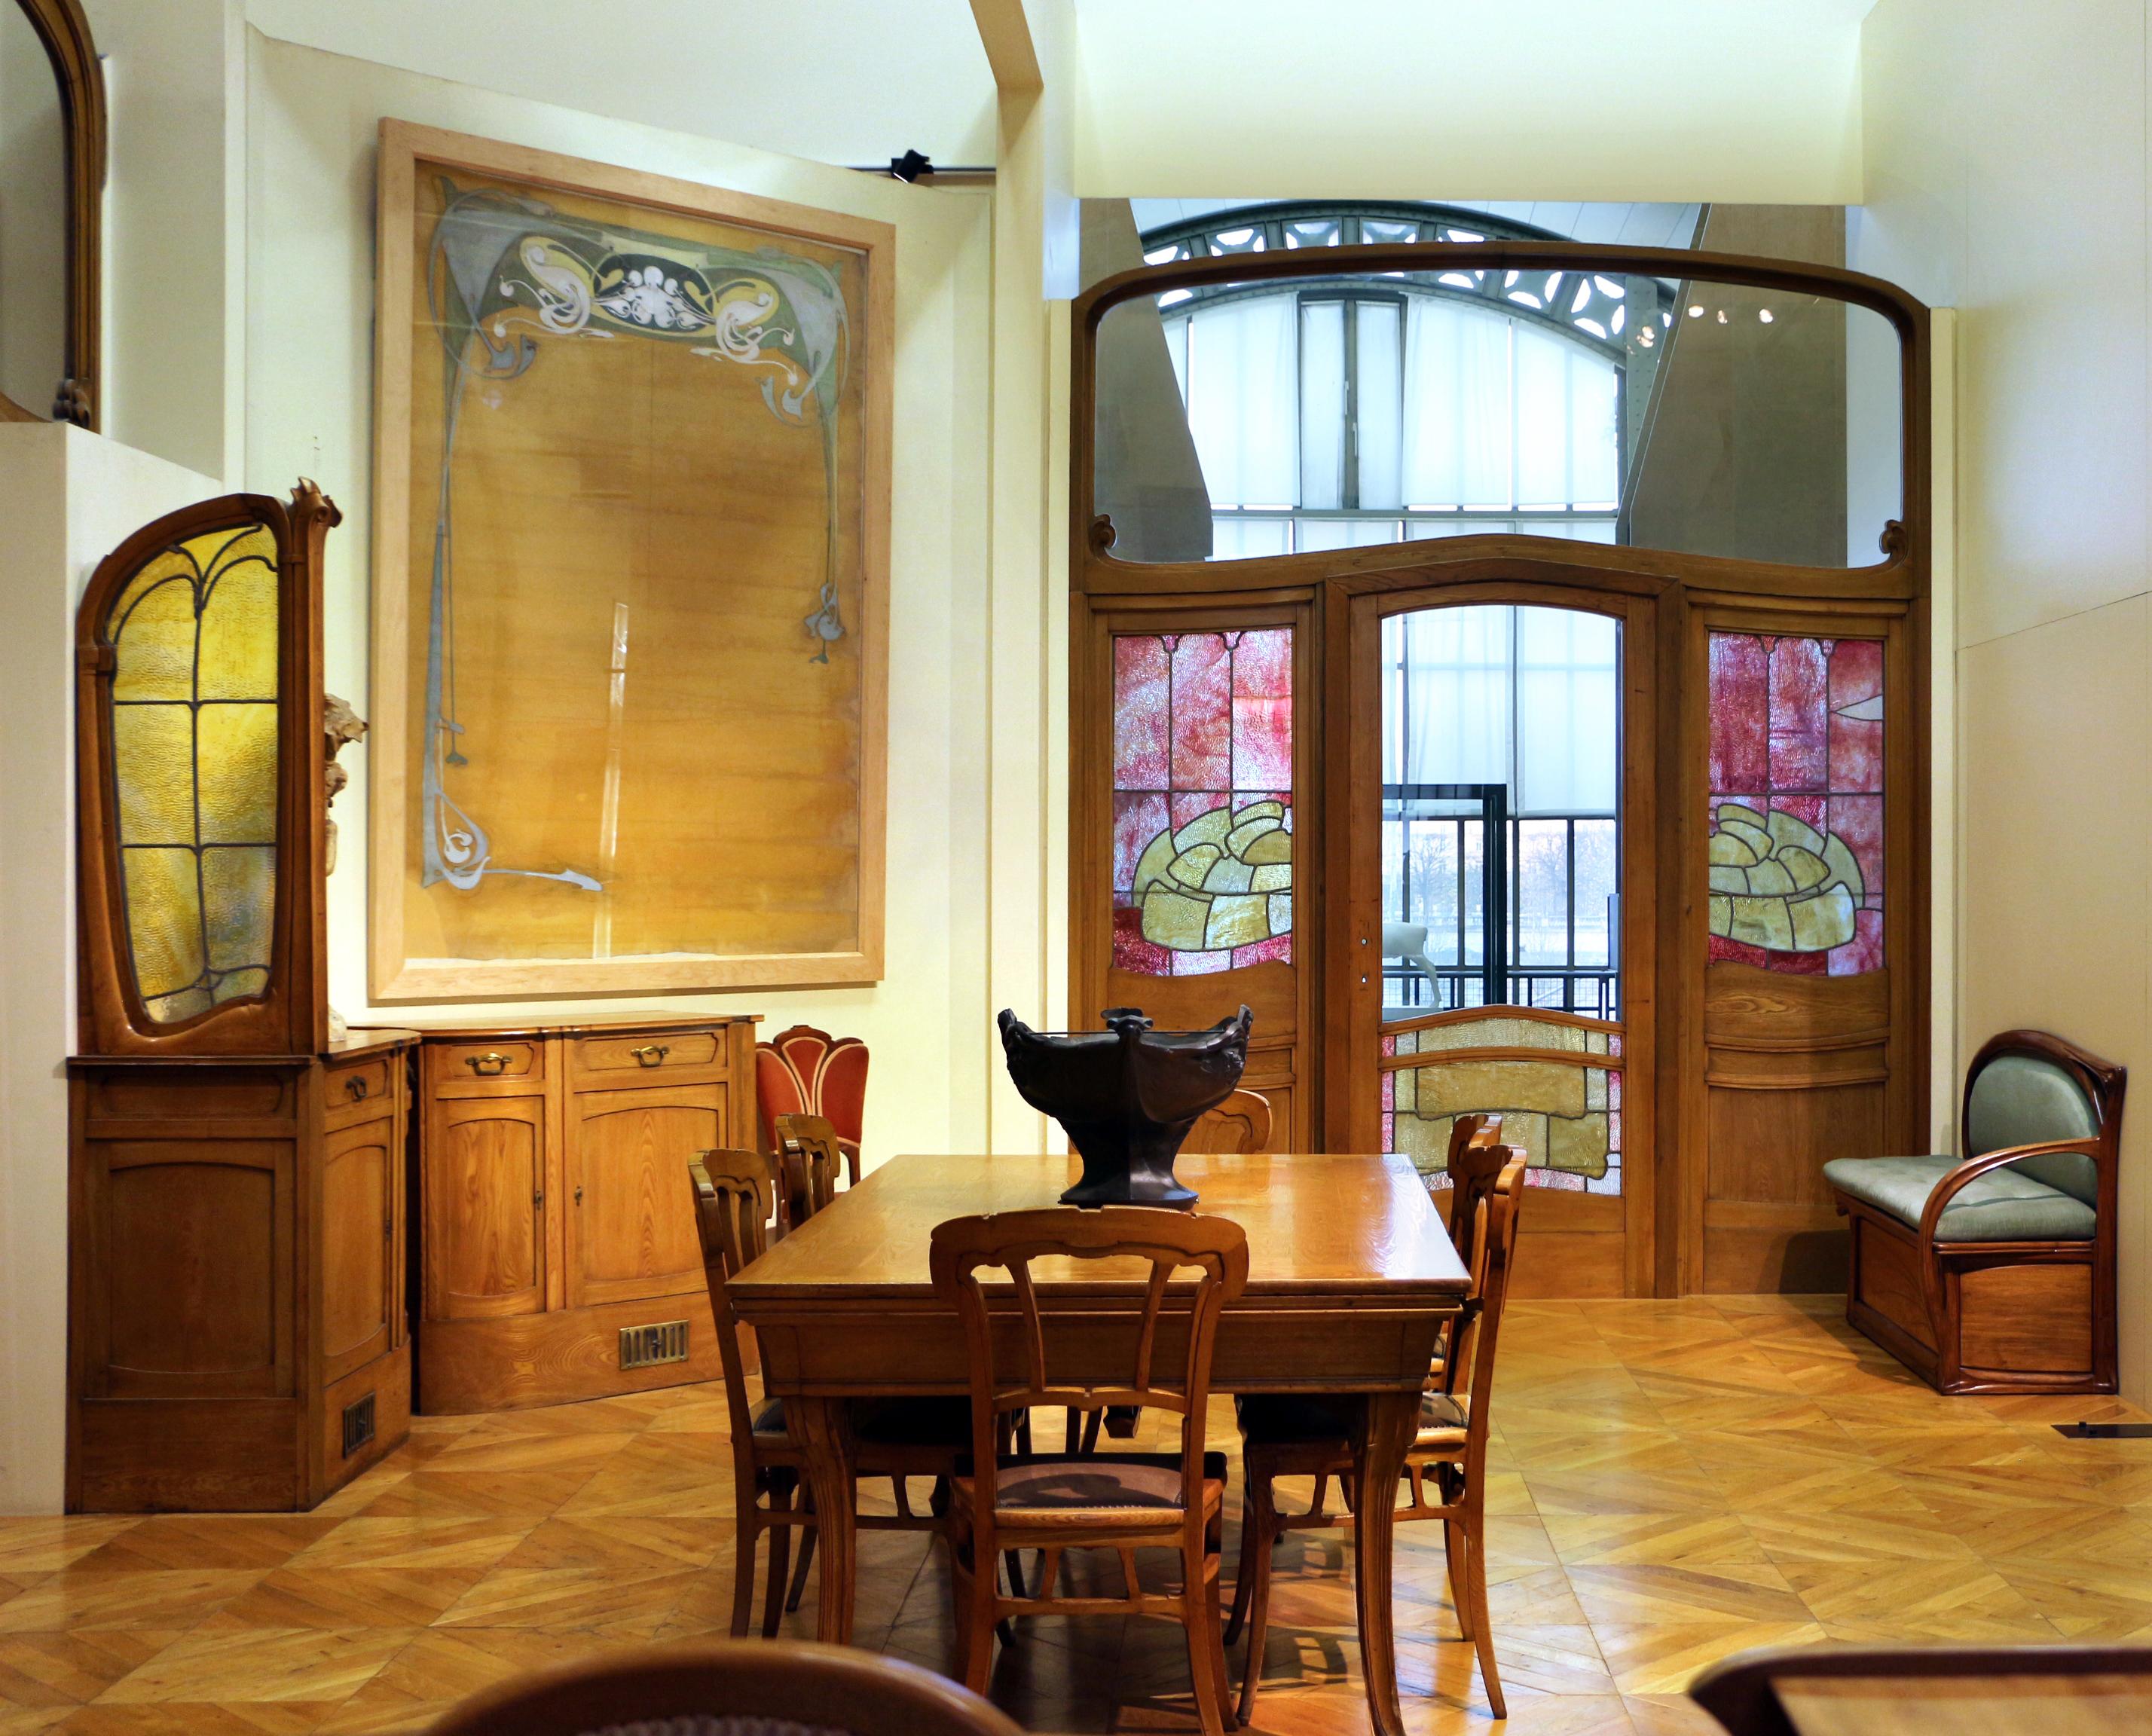 File:Victor horta, boiserie e mobilio dell\'hotel aubecq a bruxelles ...